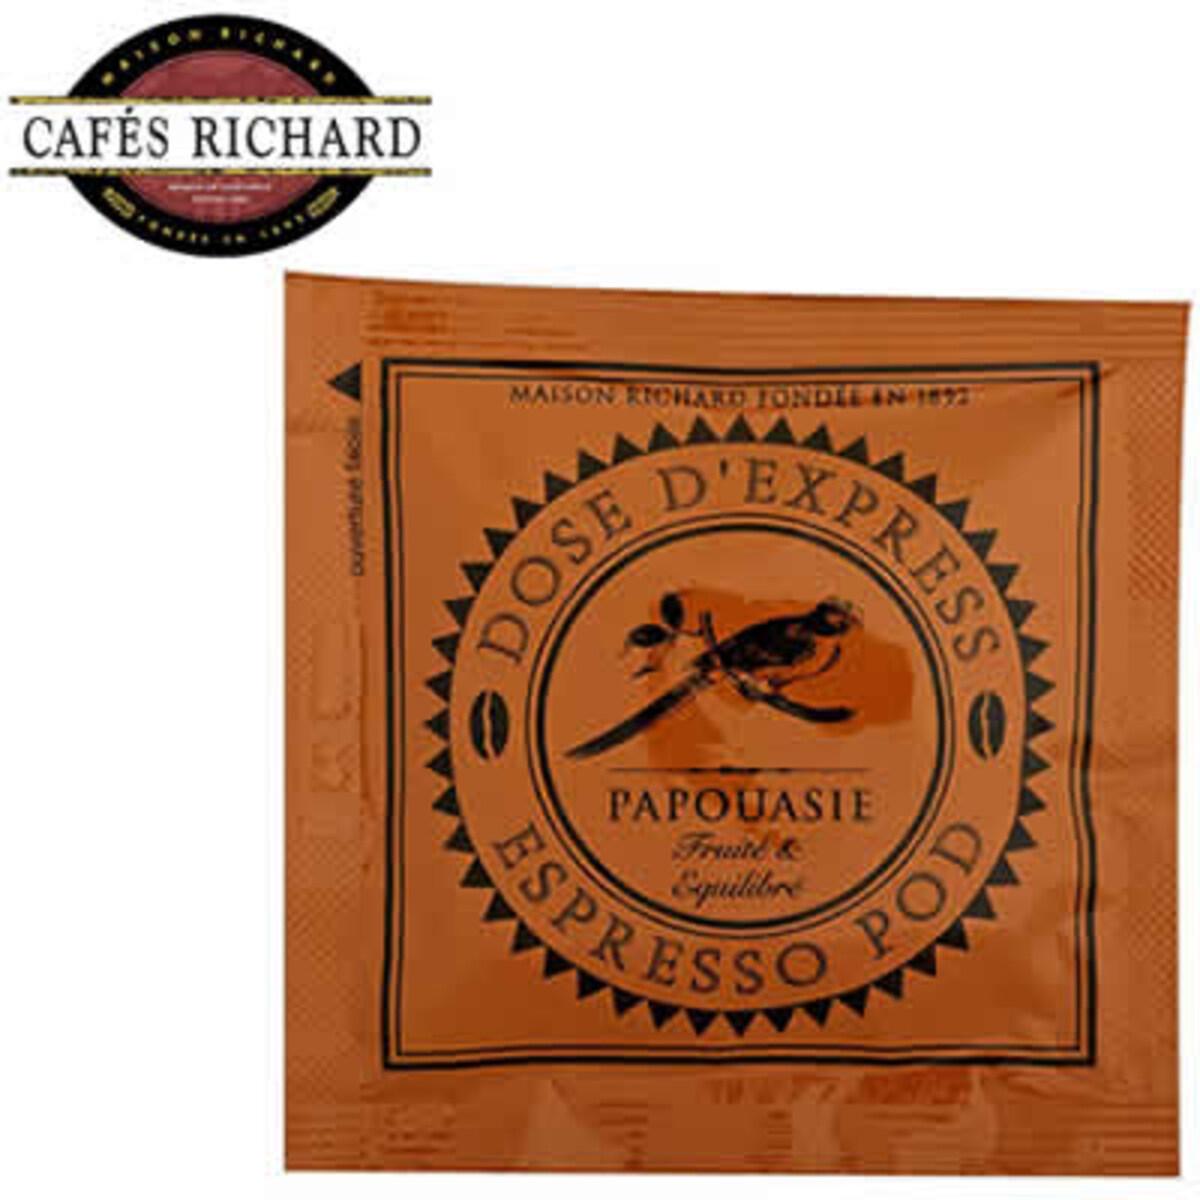 Cafés Richard Papouasie - 1 бр доза в опаковка